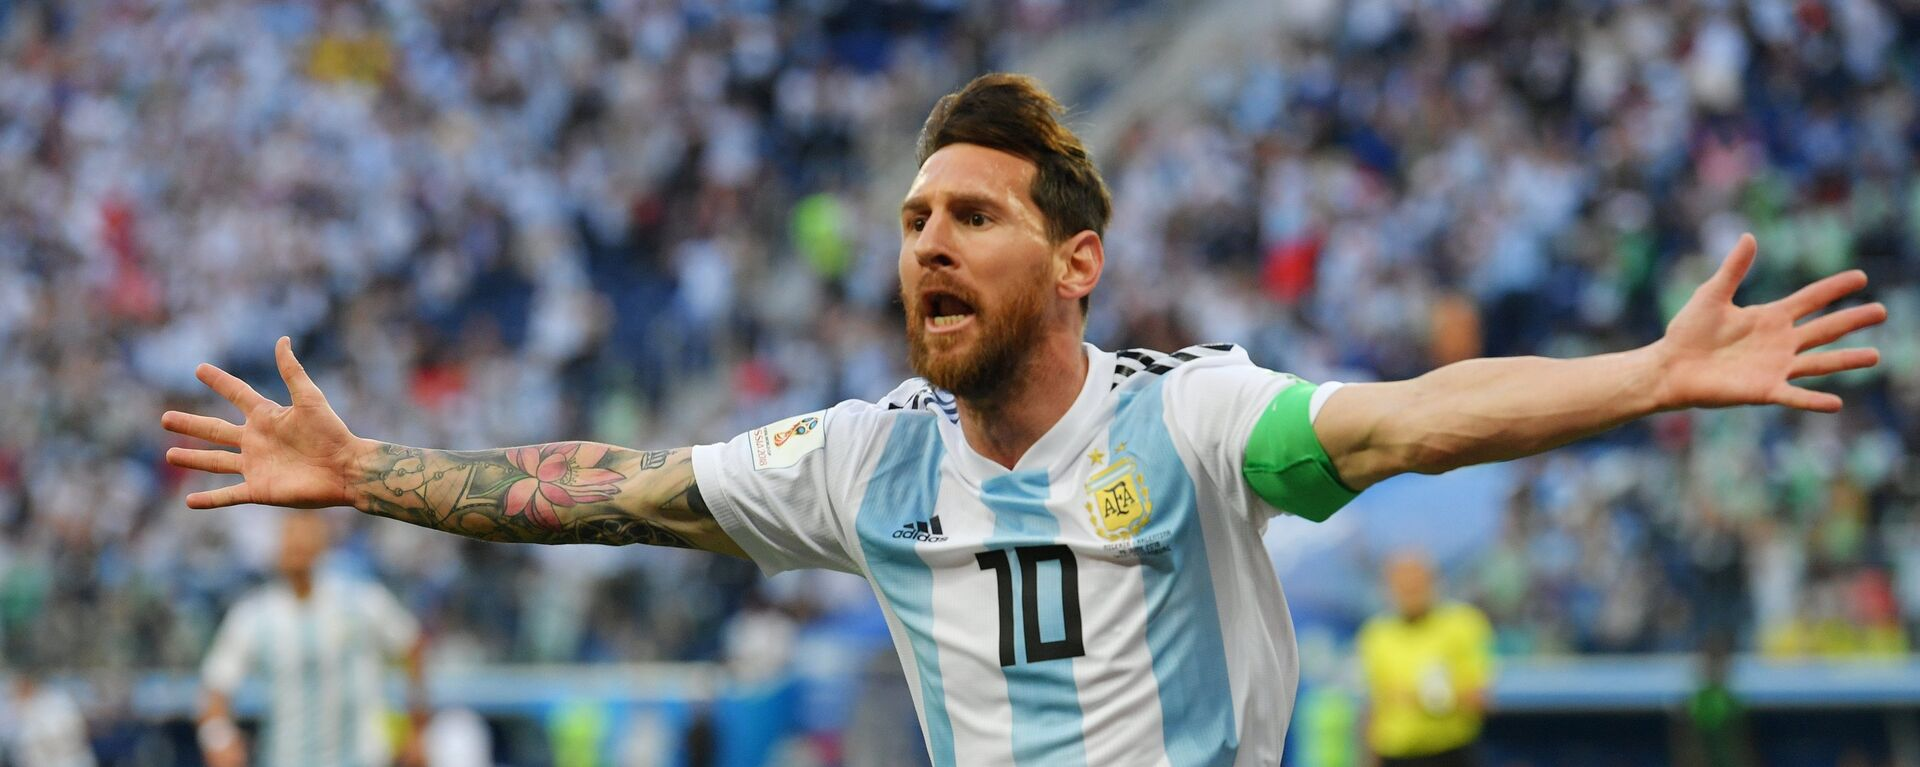 Λιονέλ Μέσι, Νιγηρία - Αργεντινή, Παγκόσμιο Κύπελλο 2018, Ρωσία - Sputnik Ελλάδα, 1920, 03.09.2021